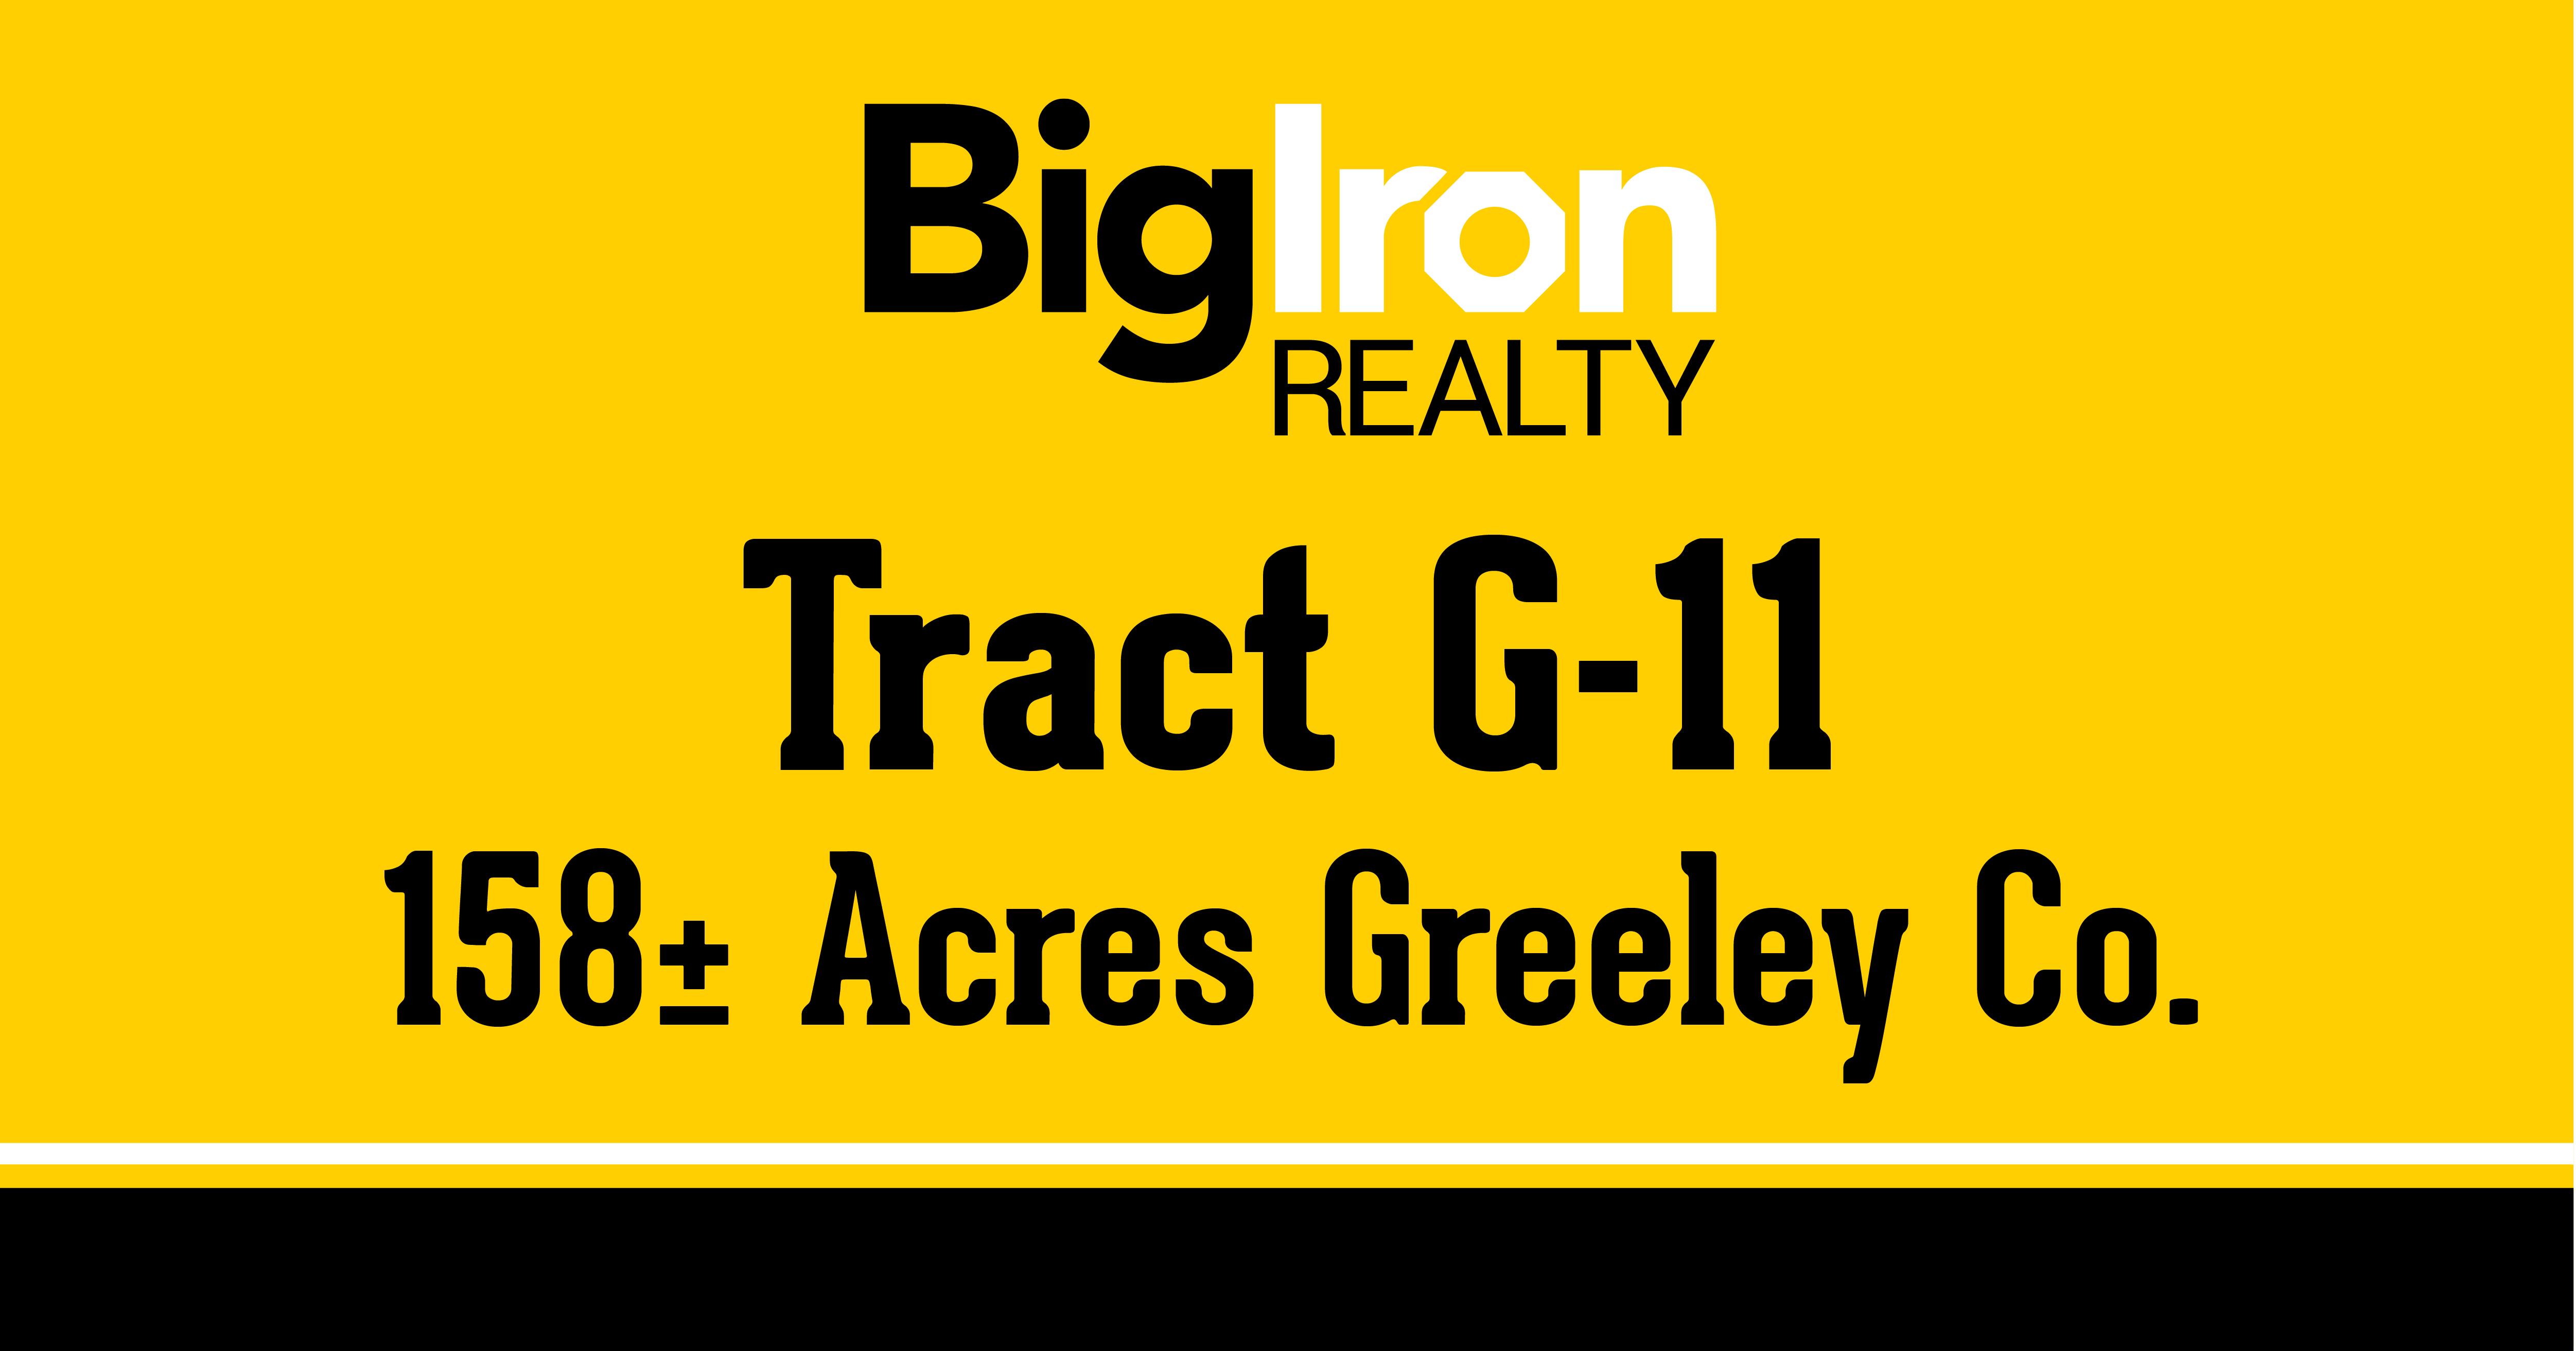 IFC_BIR-1050_Tract-G-11.jpg